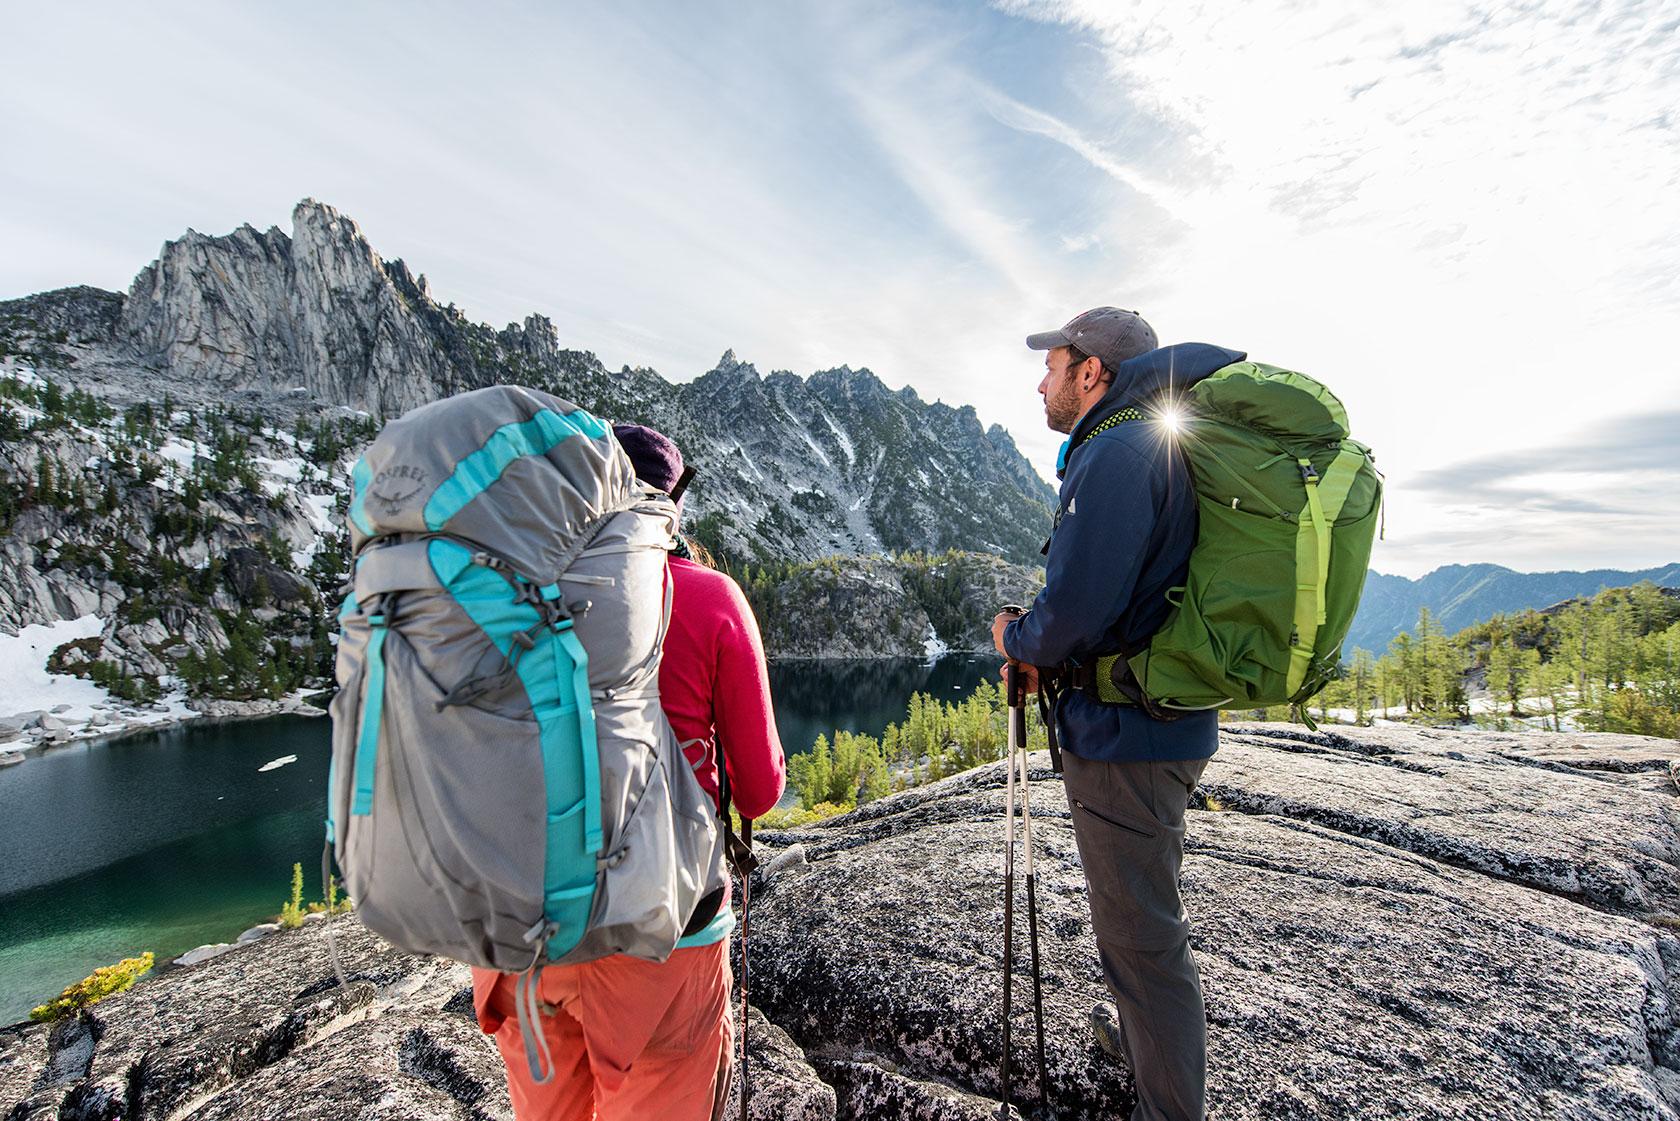 austin-trigg-osprey-hiking-backpacks-washington-lifestyle-morning-adventure-outdoor-active-hike-camp-sunrise-enchantments-prusik-peak-mountain-range.jpg